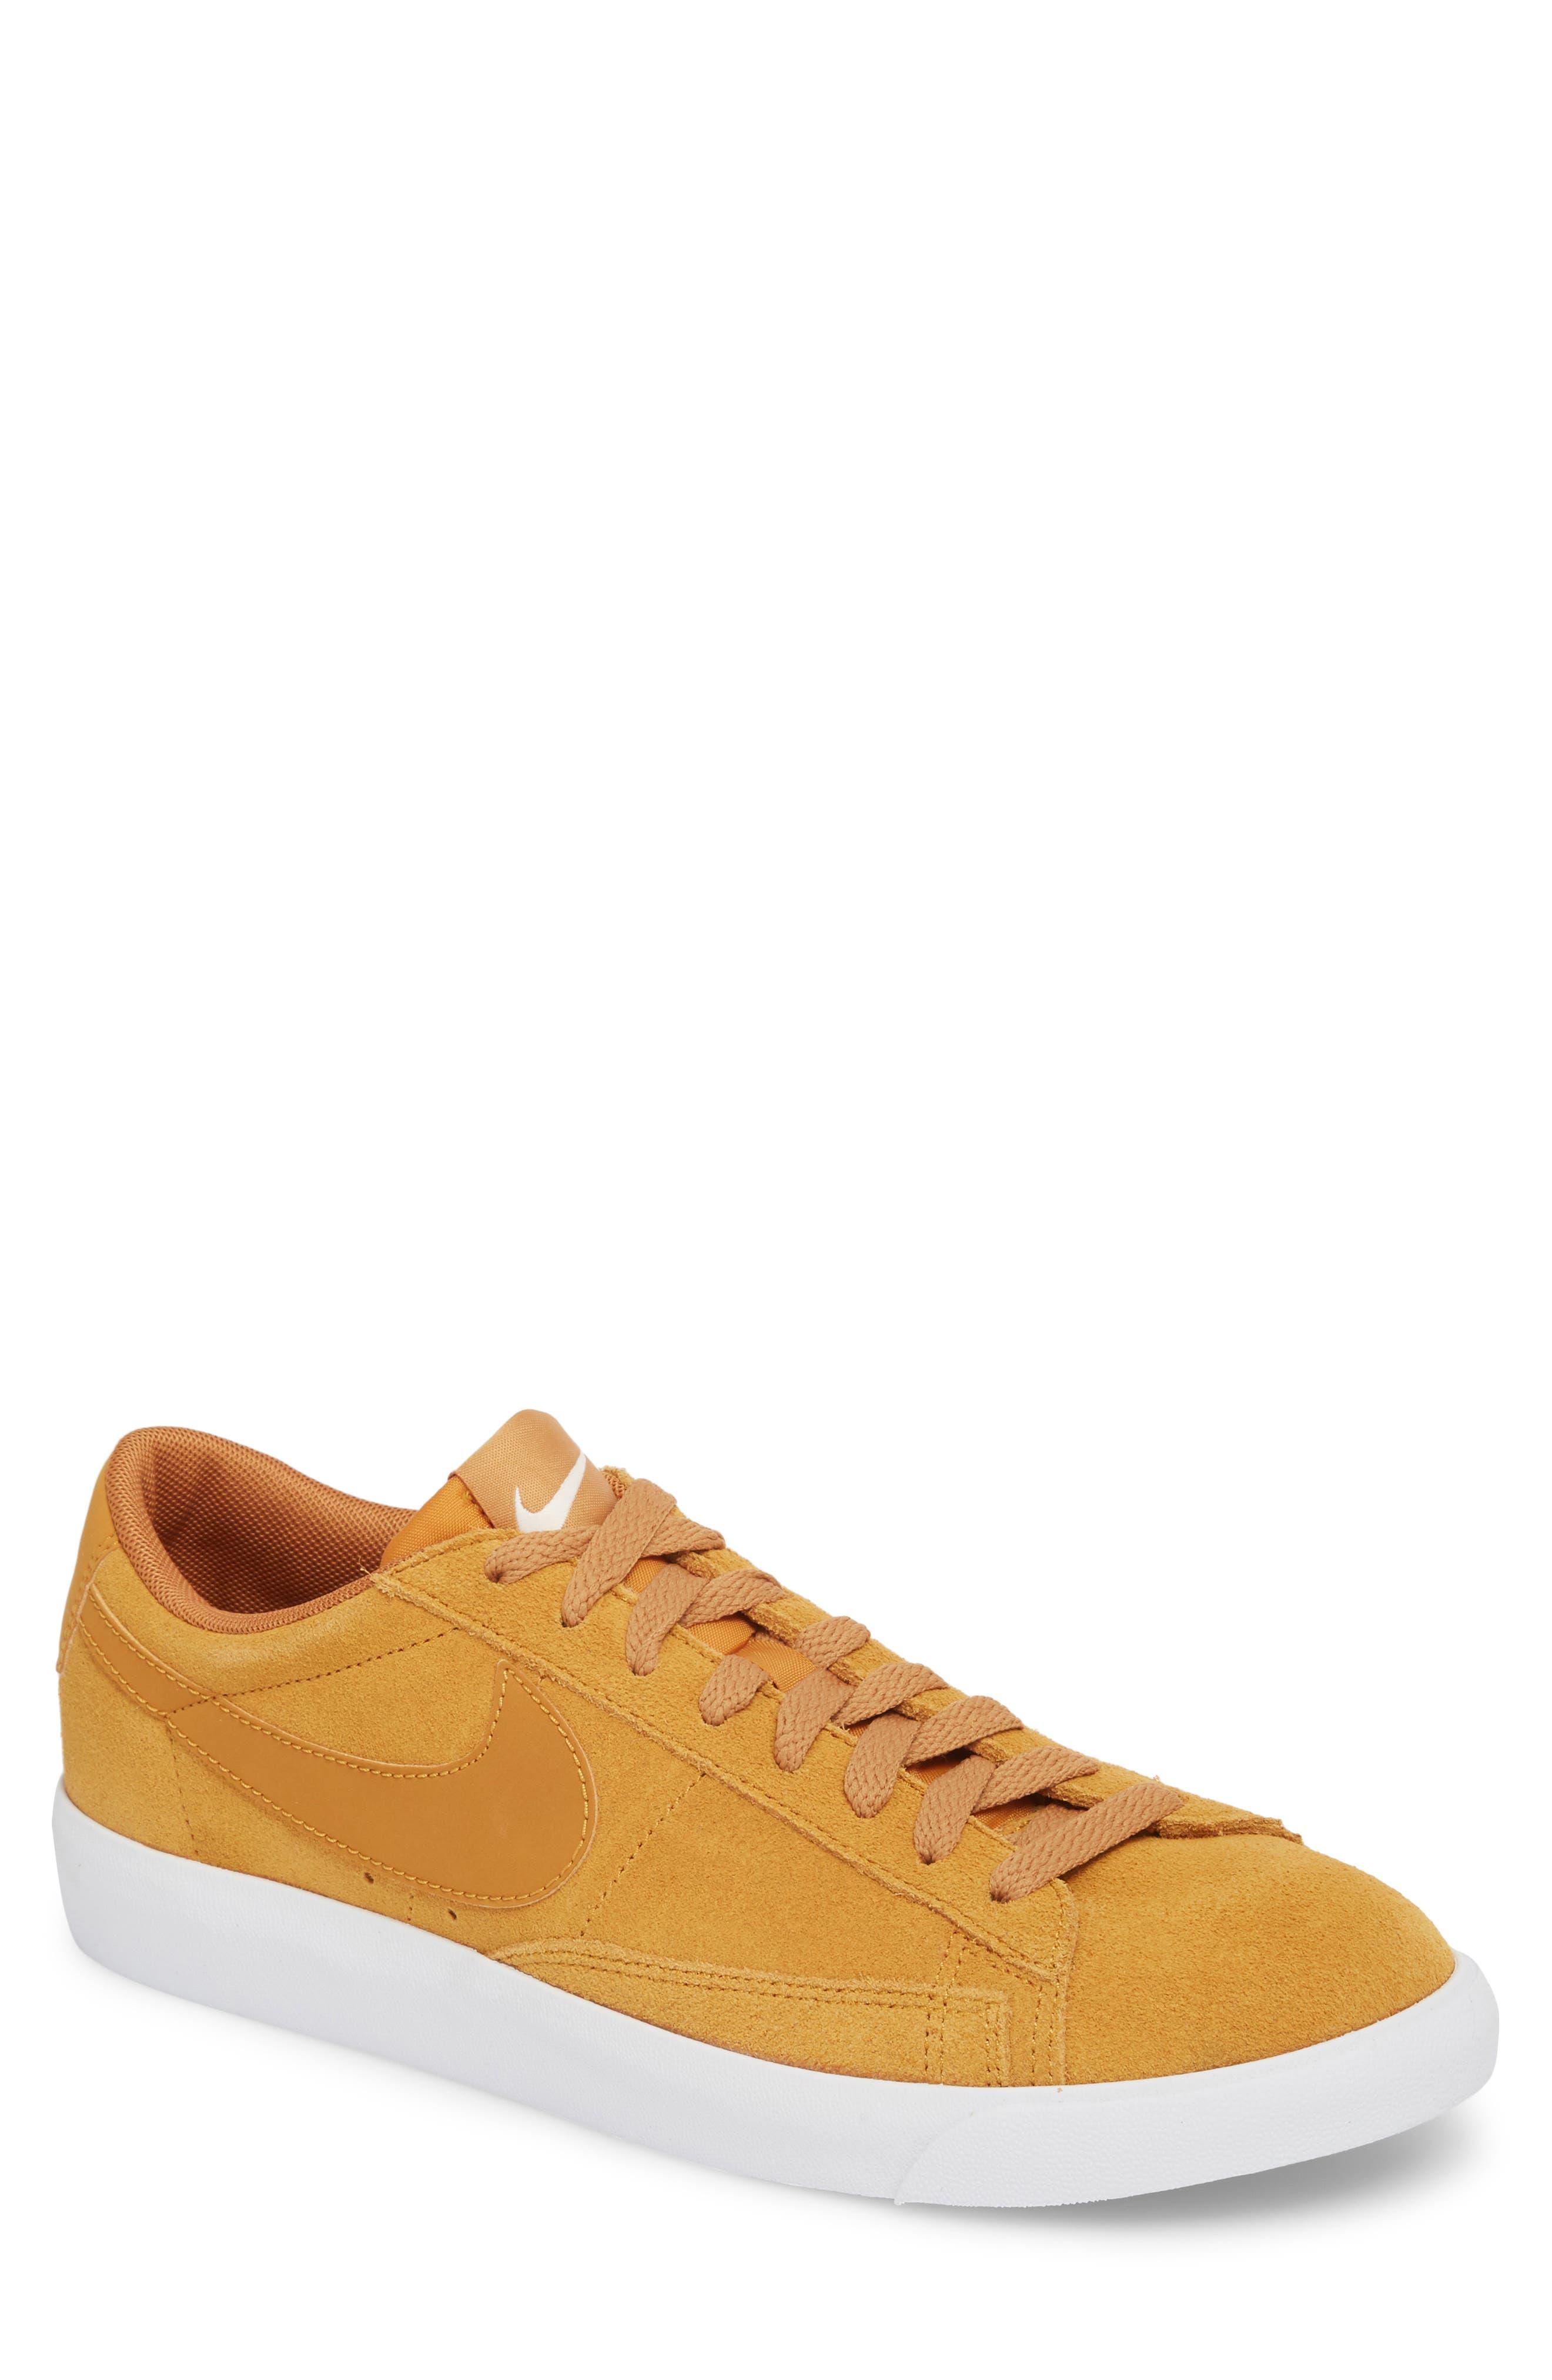 Blazer Low Suede Sneaker,                         Main,                         color, 260